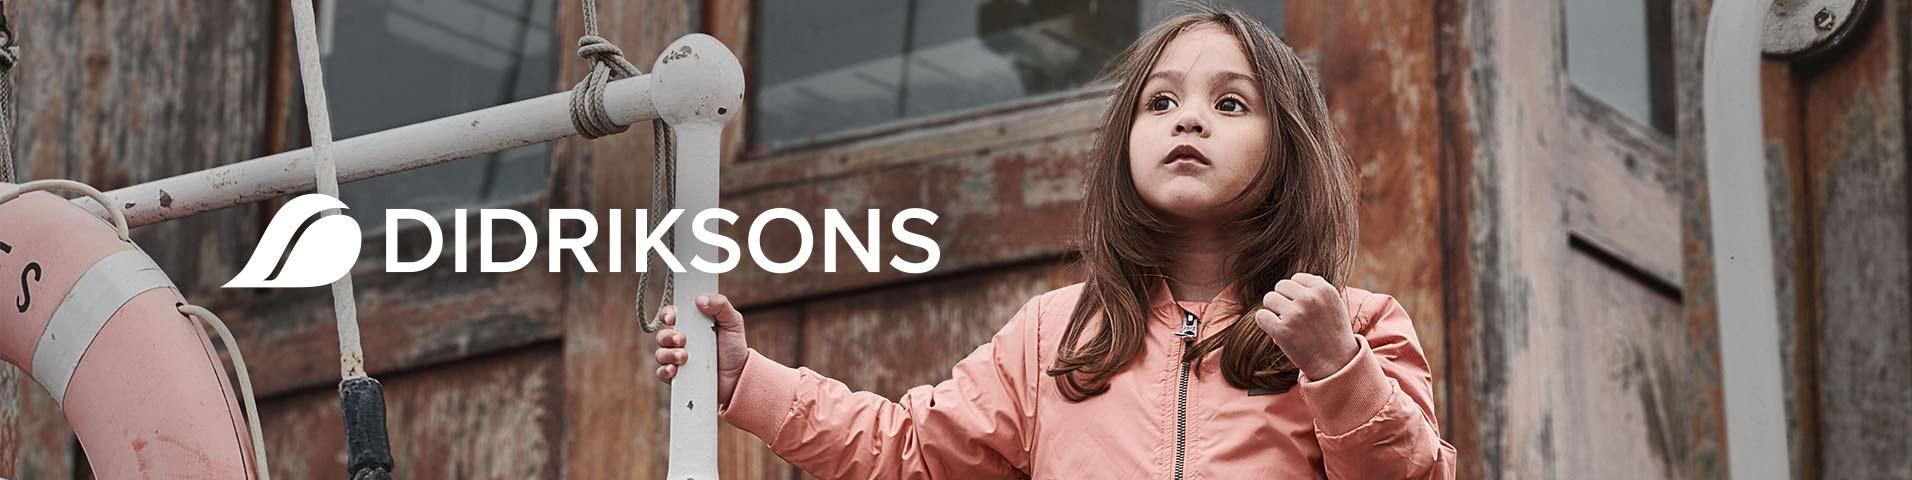 didriksons bambini  Articoli per lo sport da bambini Didriksons | saldi su Zalando